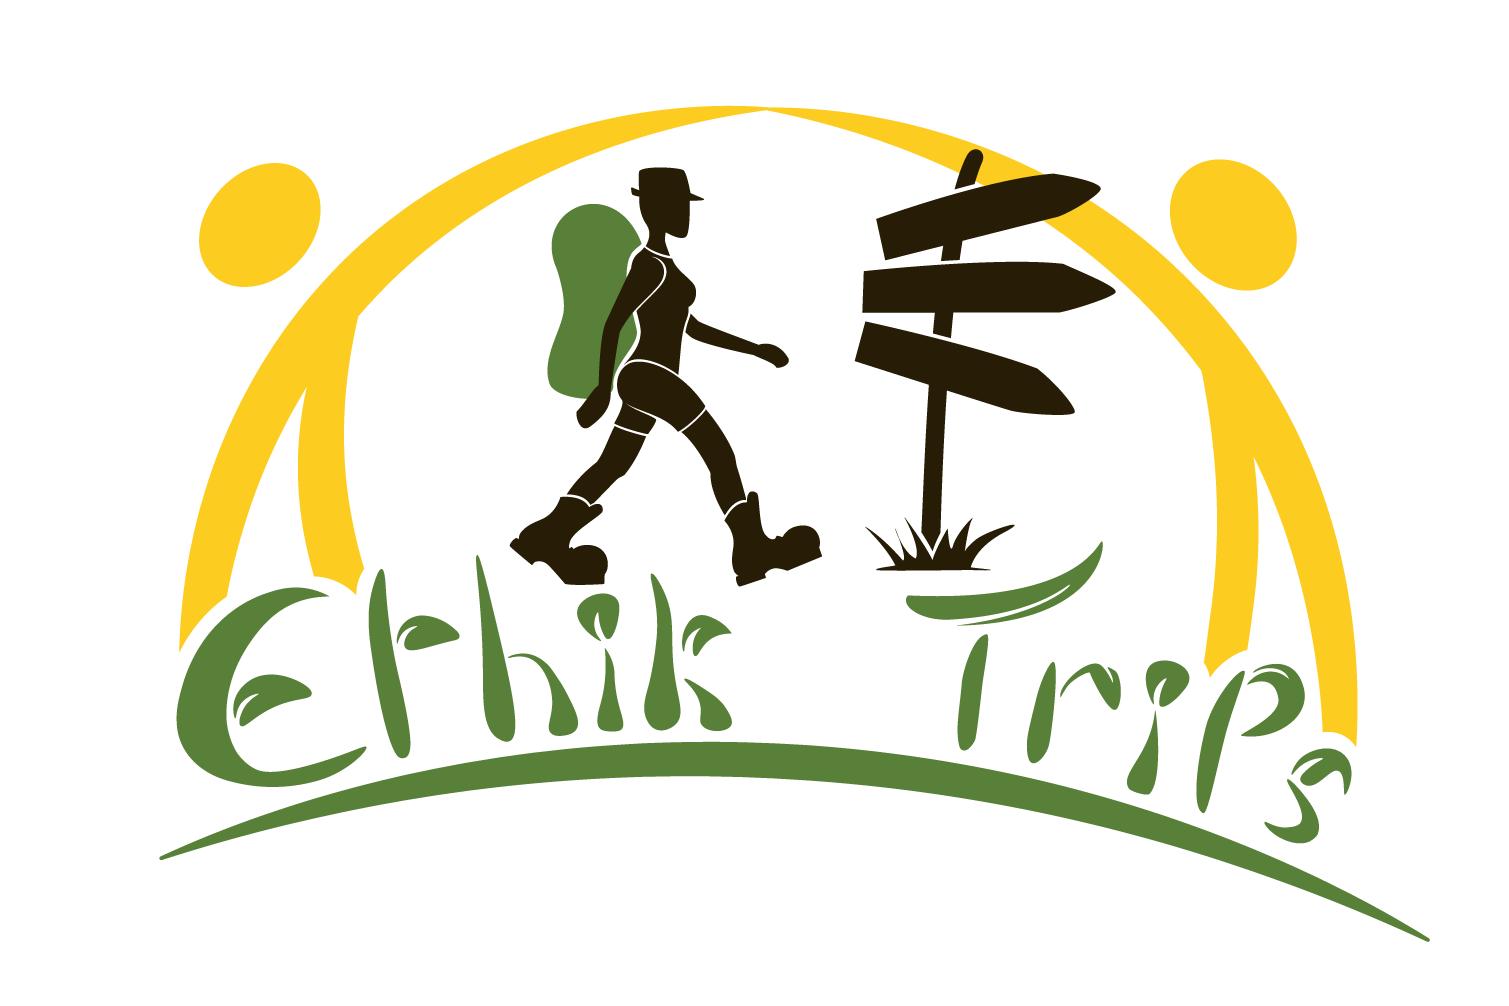 Ethik Trip